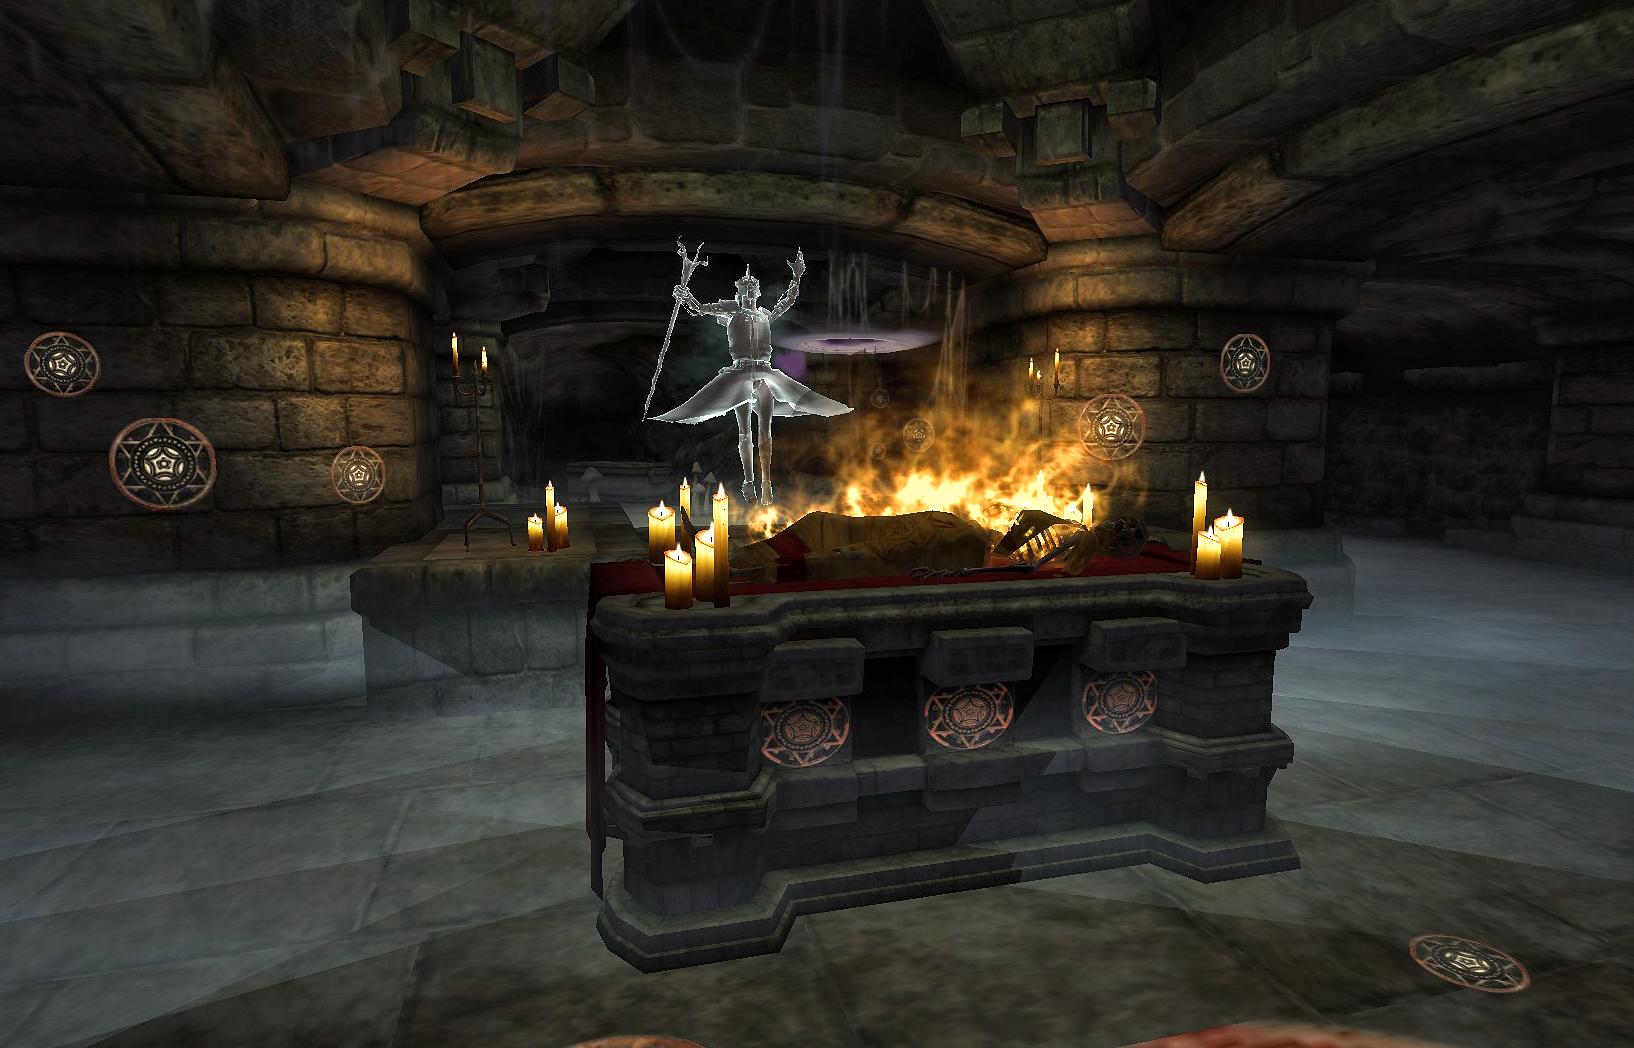 Anvil Quests - The Elder Scrolls IV: Oblivion Wiki Guide - IGN